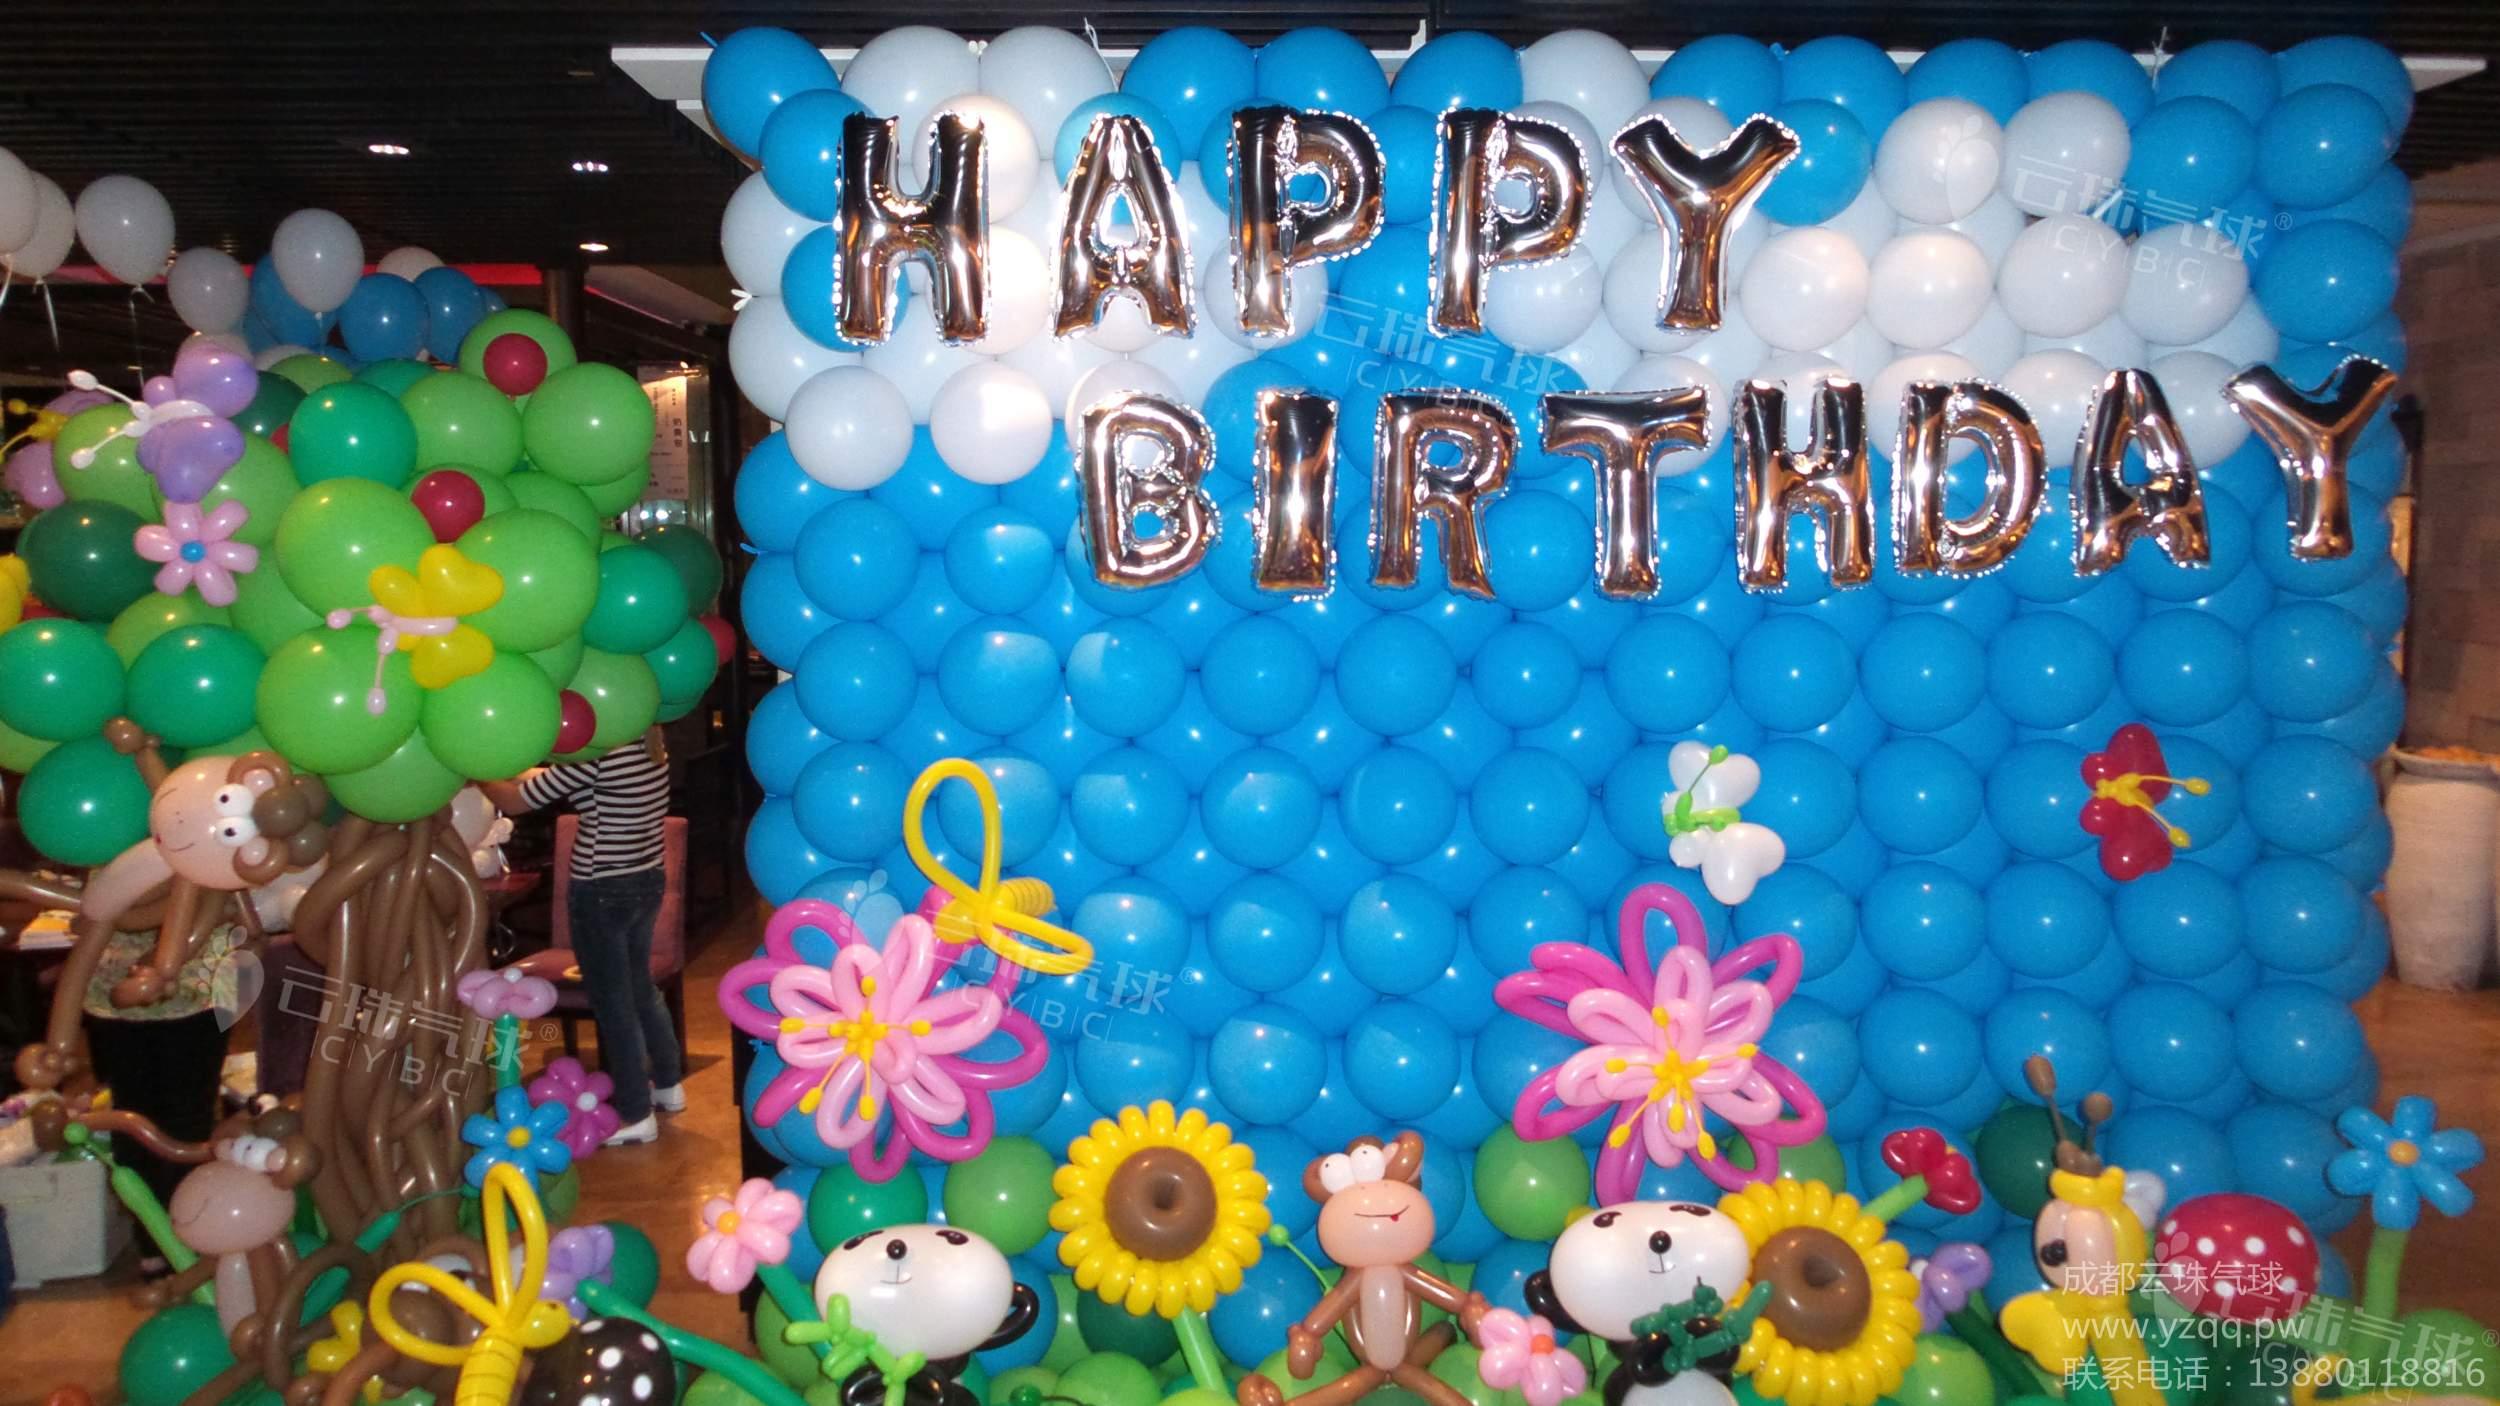 供应百日宴气球装饰/宝宝宴气球造型